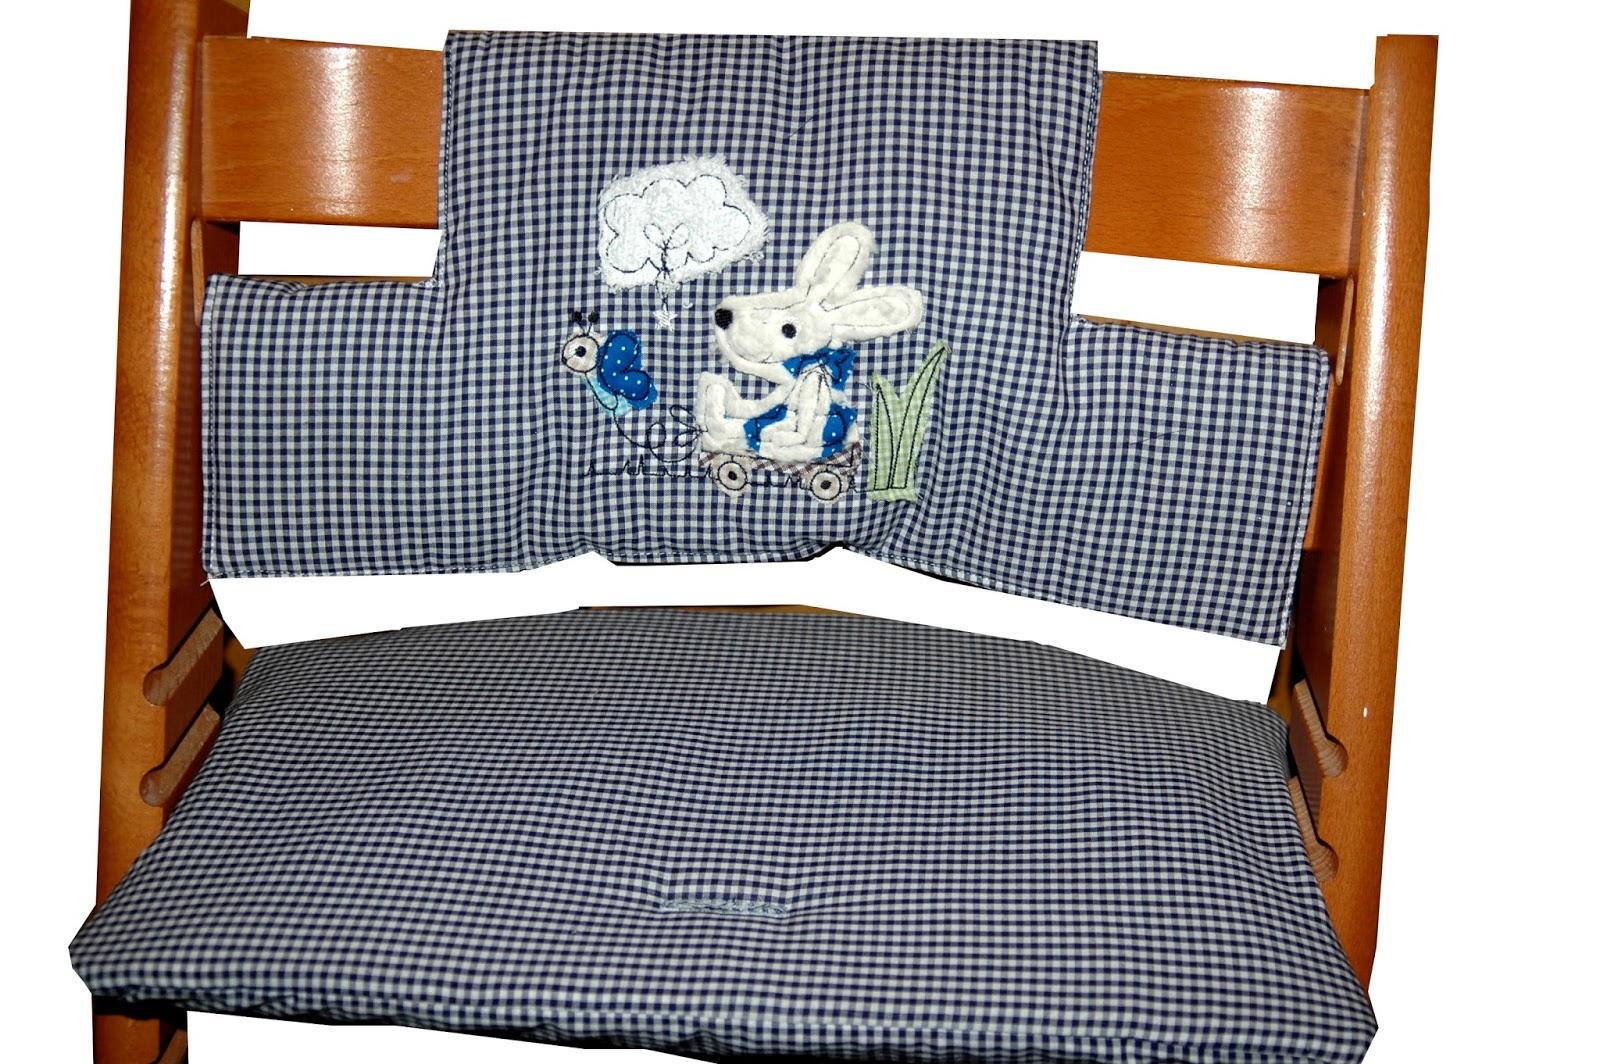 gen htes mit herz sitzkissen sitzverkleinerer f r treppenhochstuhl hier z b tripp trapp http. Black Bedroom Furniture Sets. Home Design Ideas